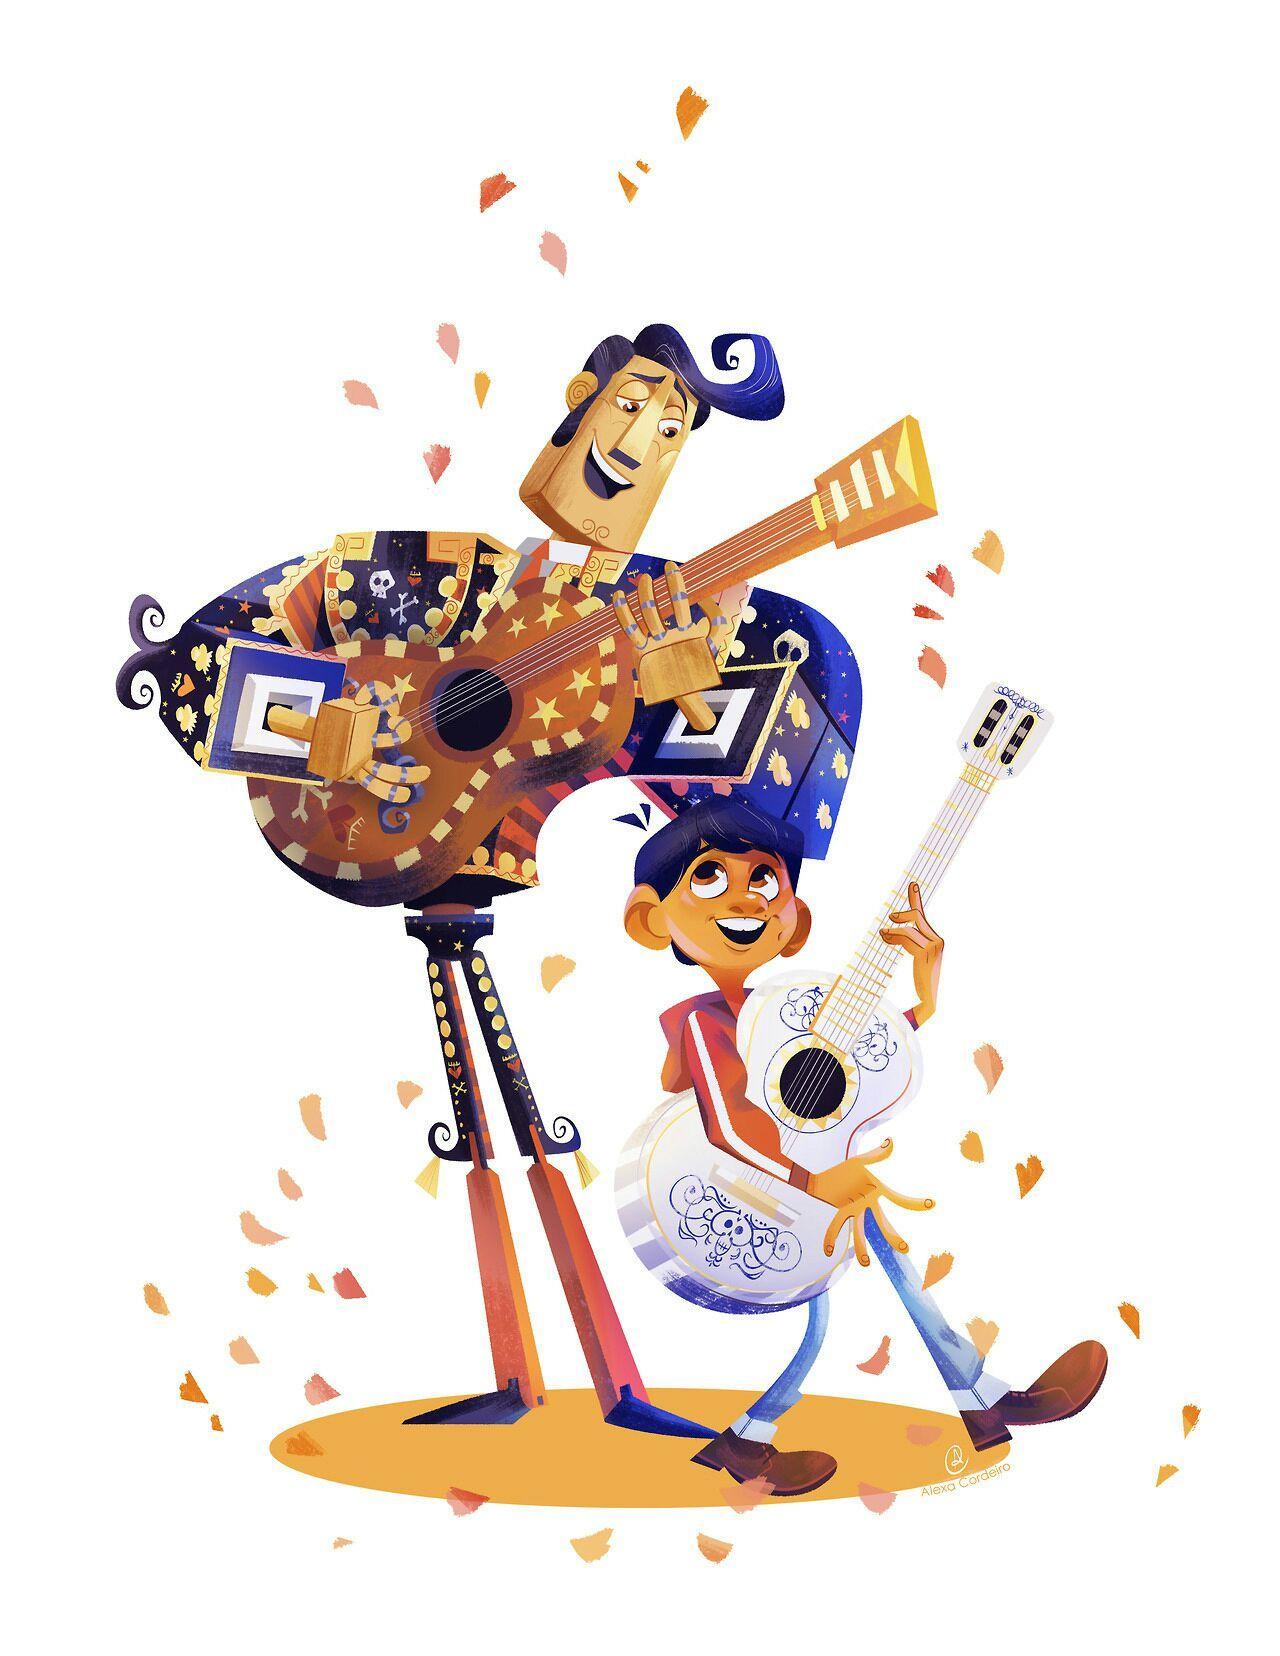 Im genes de coco disney pixar dreamworks and crossover for Imagenes de coco